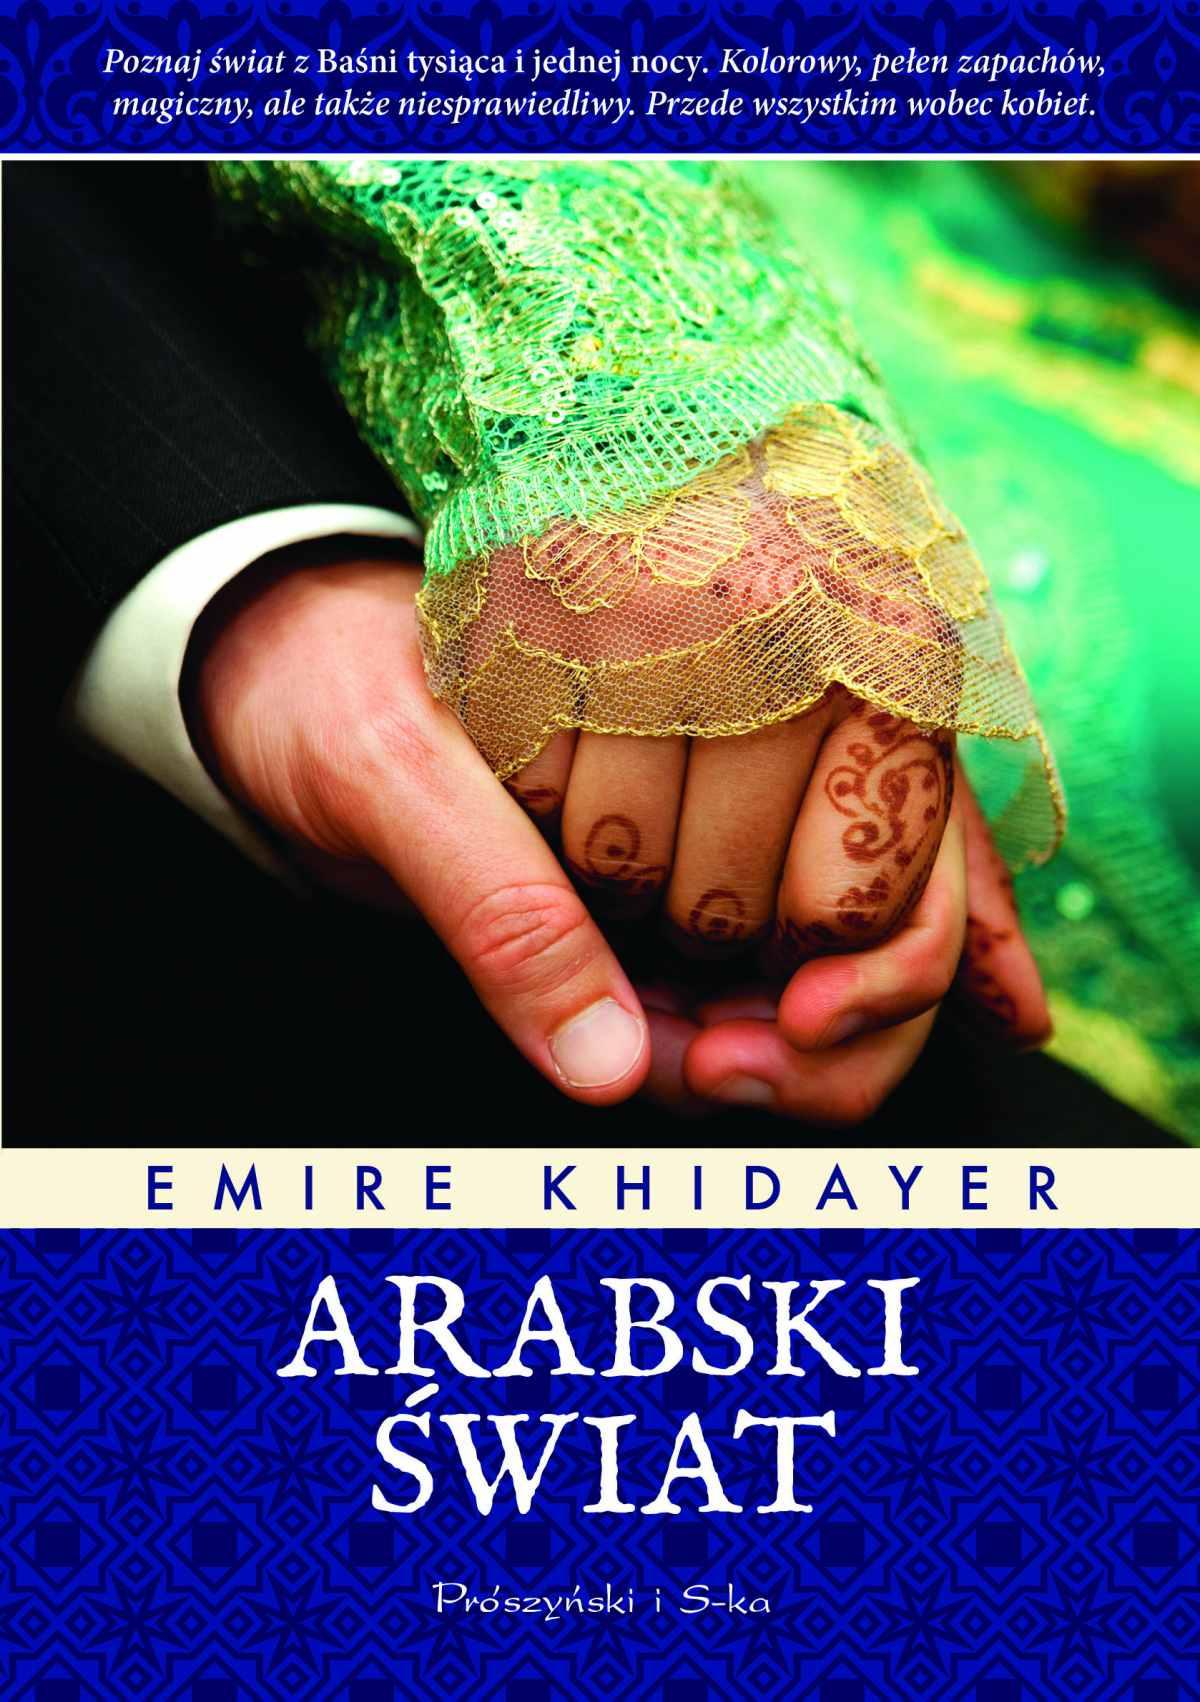 Arabski świat - Ebook (Książka EPUB) do pobrania w formacie EPUB